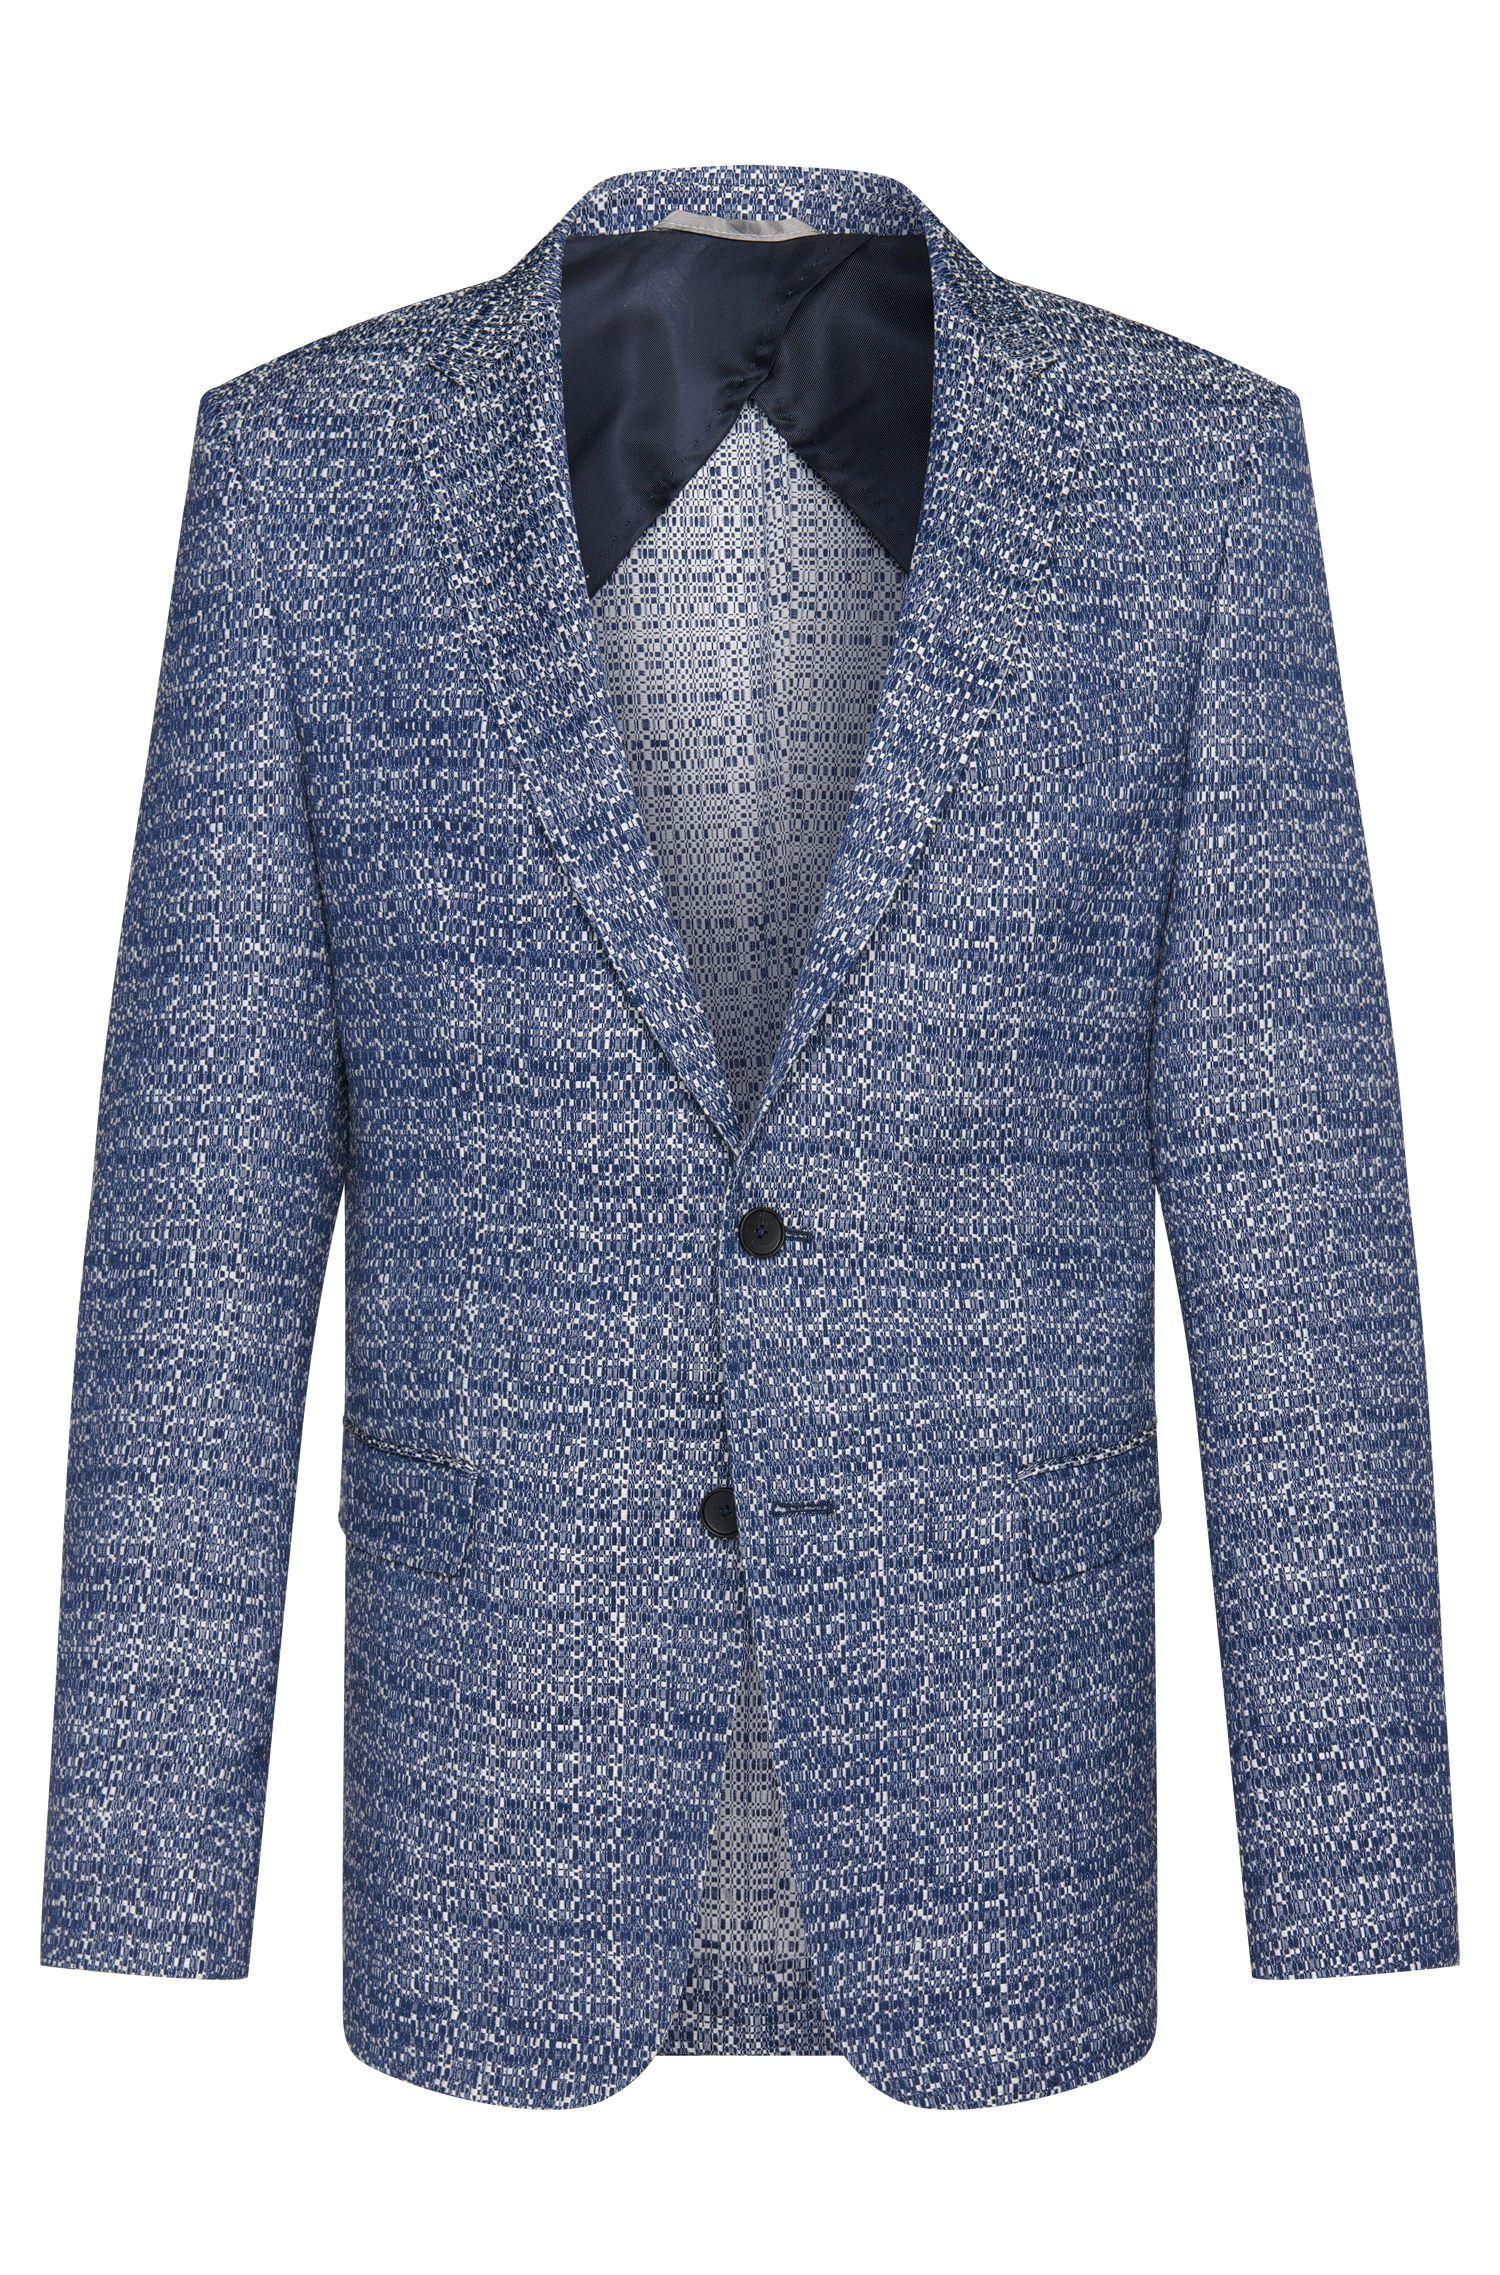 Cotton Blend Jacquard Sport Coat, Slim Fit | Nobis